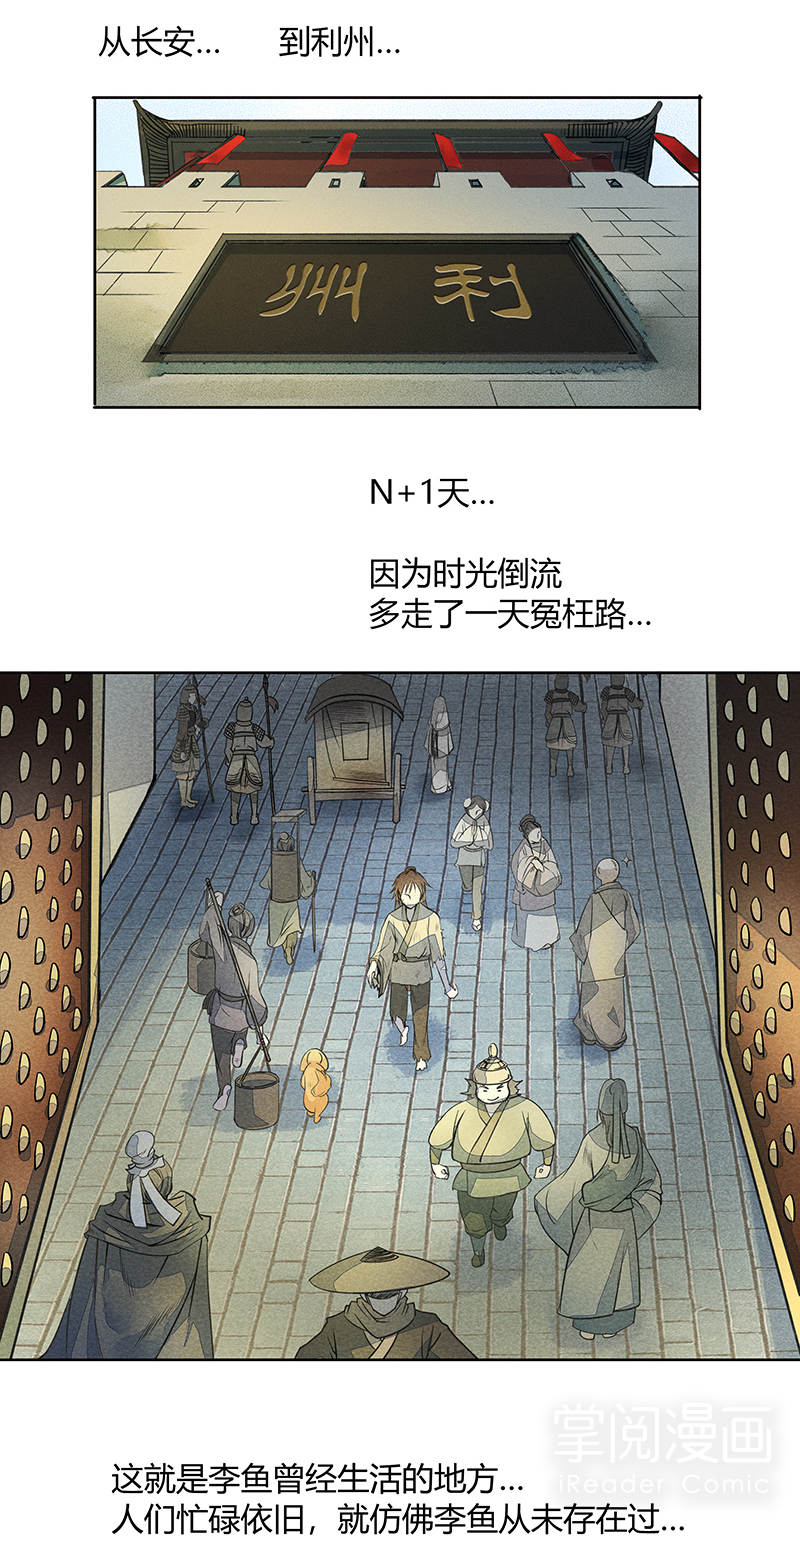 逍遥游第7话  落魄归乡遇佳人 第 4